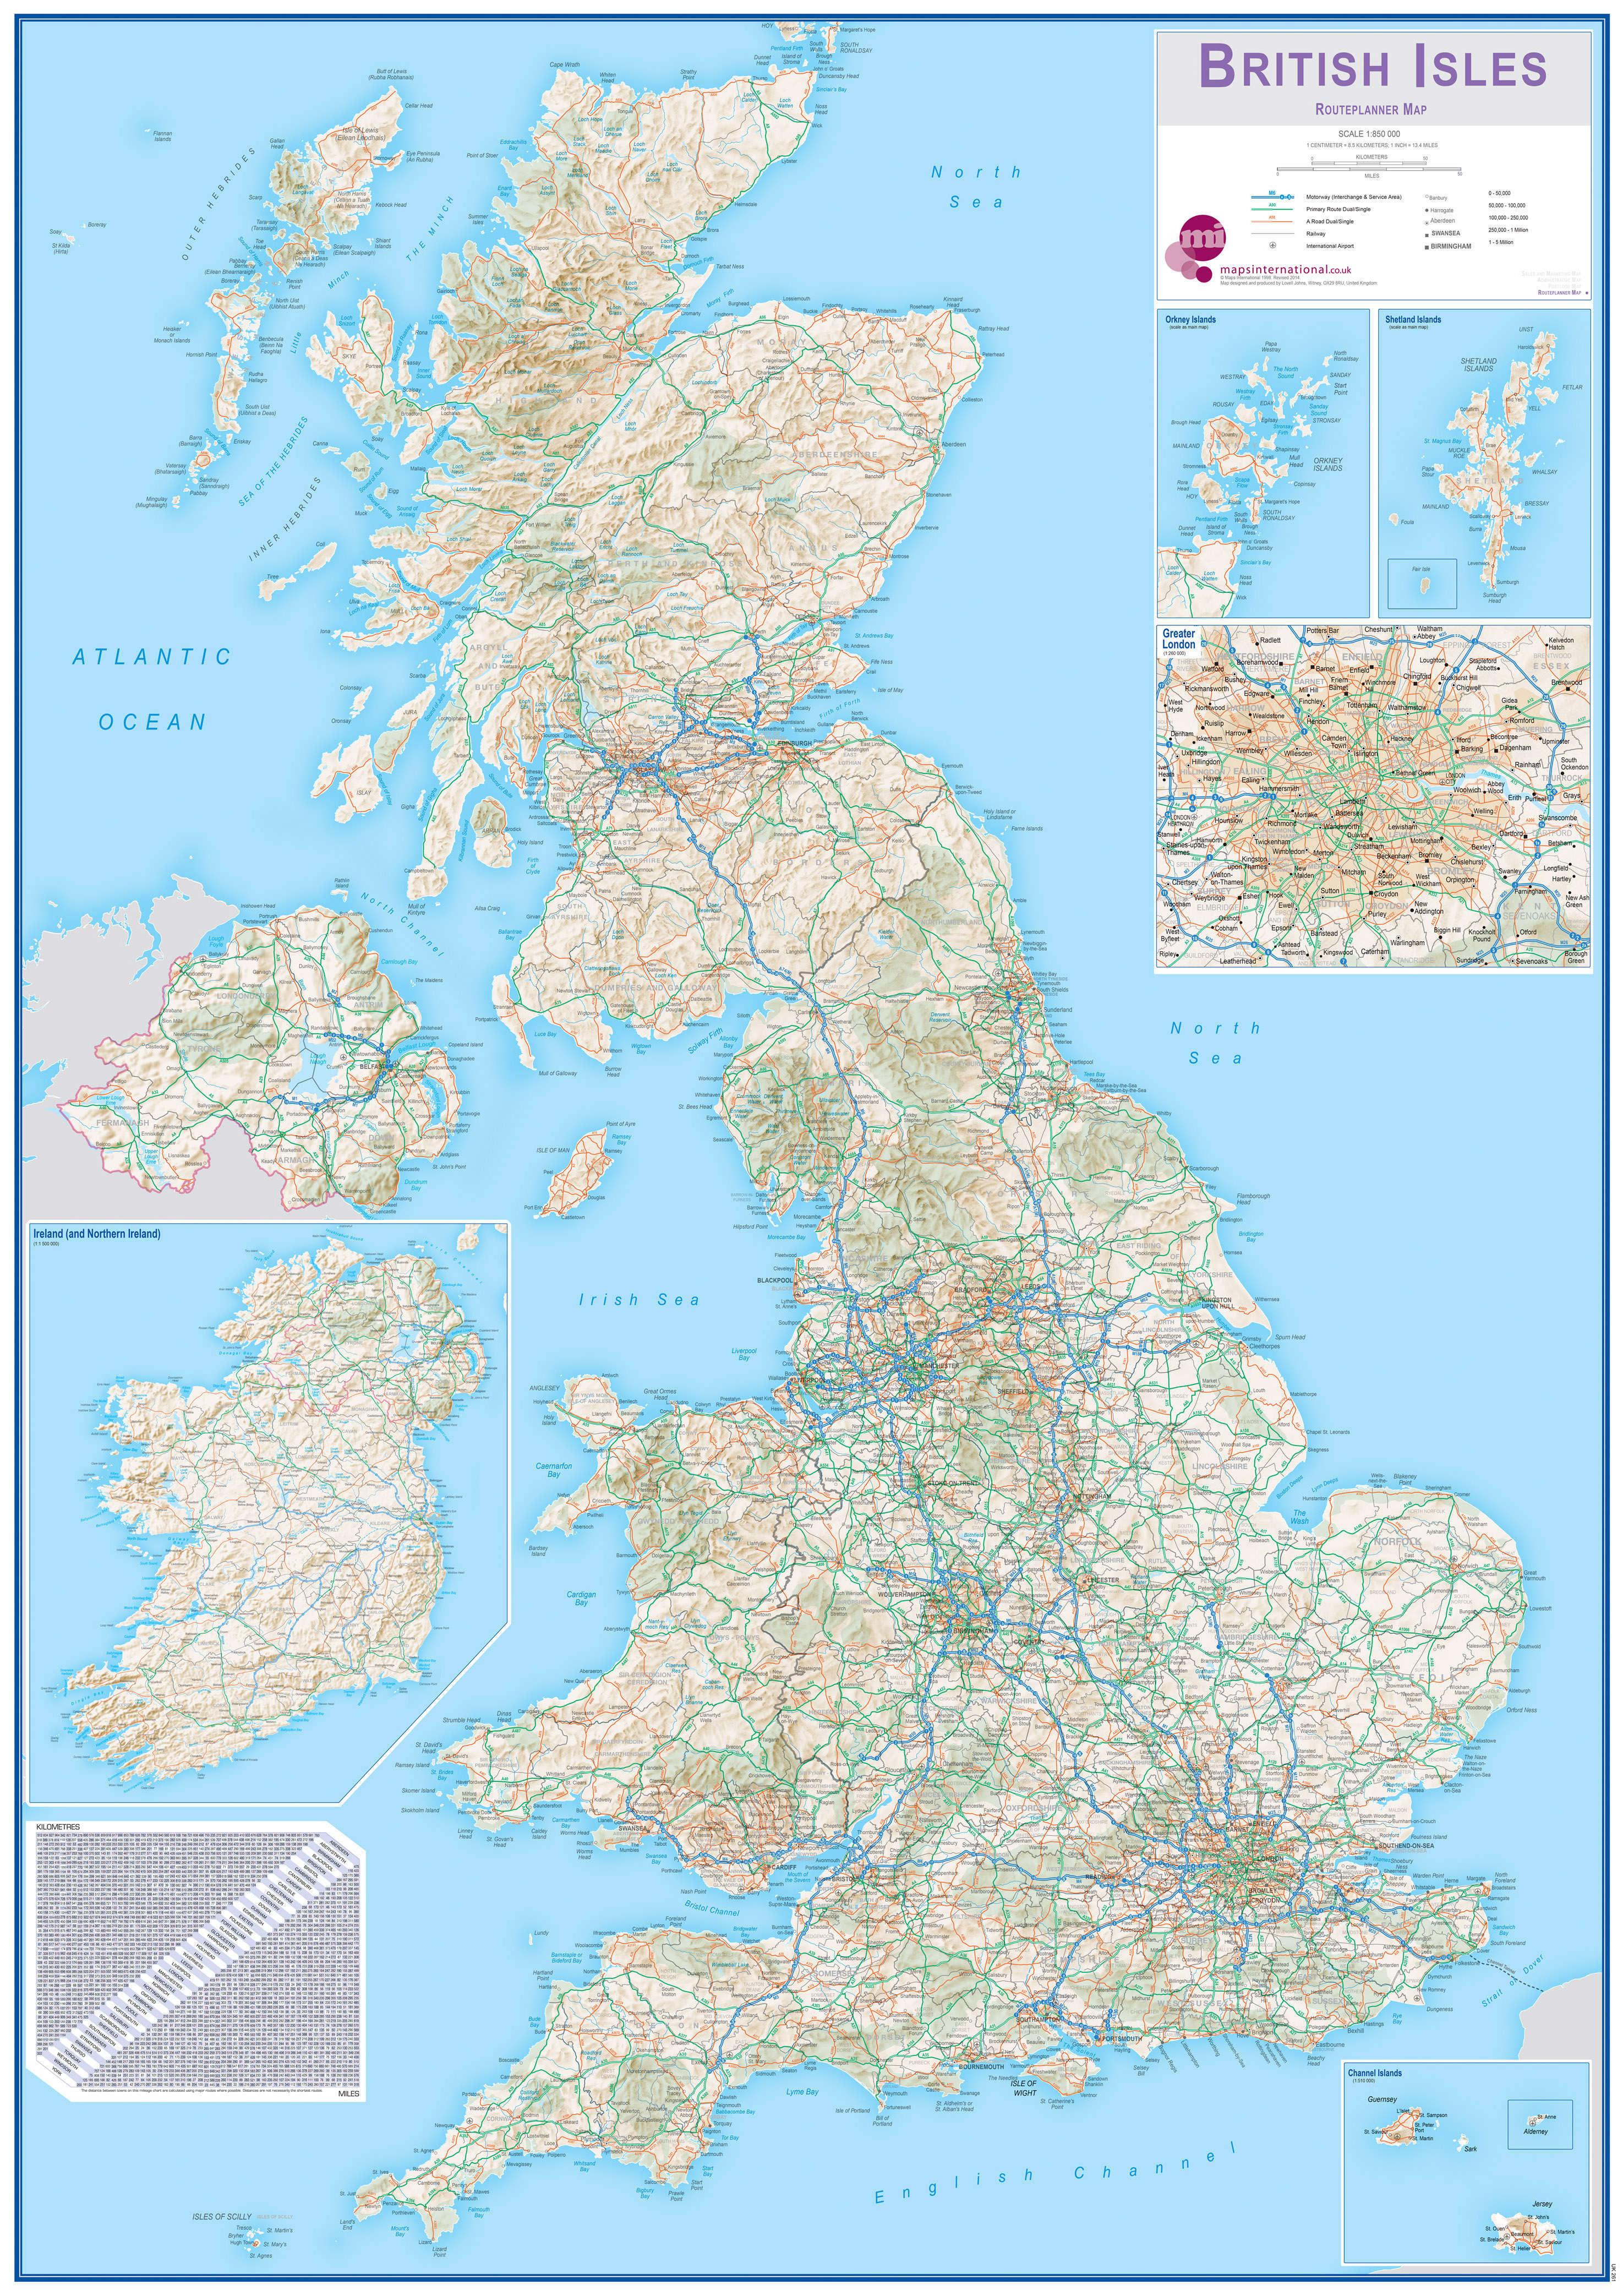 Medium British Isles Routeplanning Map (Laminated) | 59.4cm (w) x 84.1cm (h)